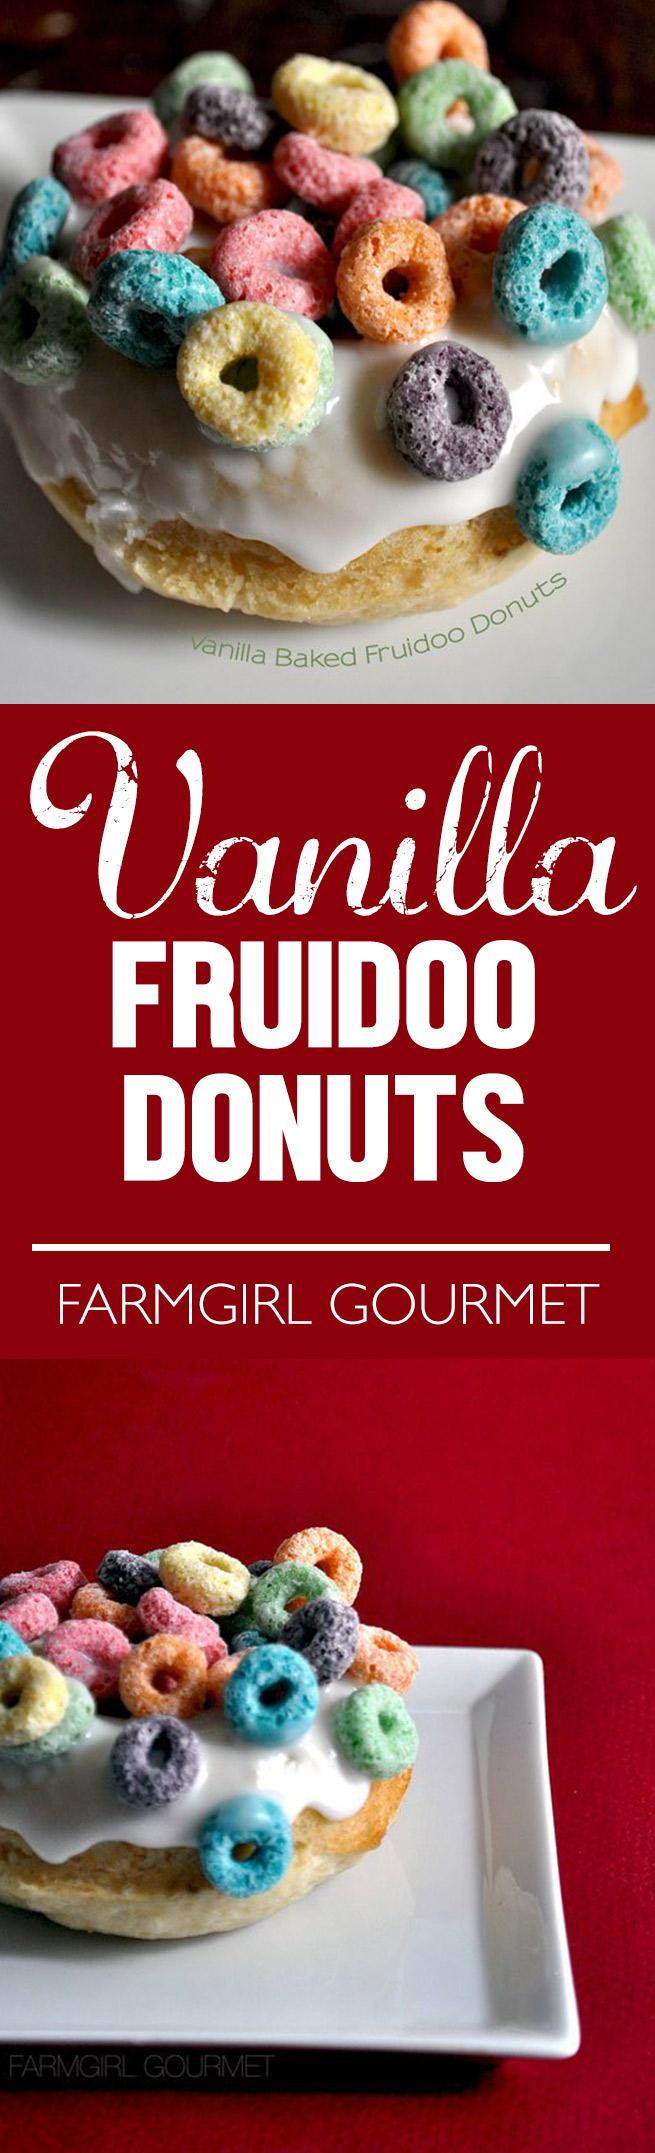 Vanilla Baked Fruidoo Donuts recipe | farmgirlgourmet.com